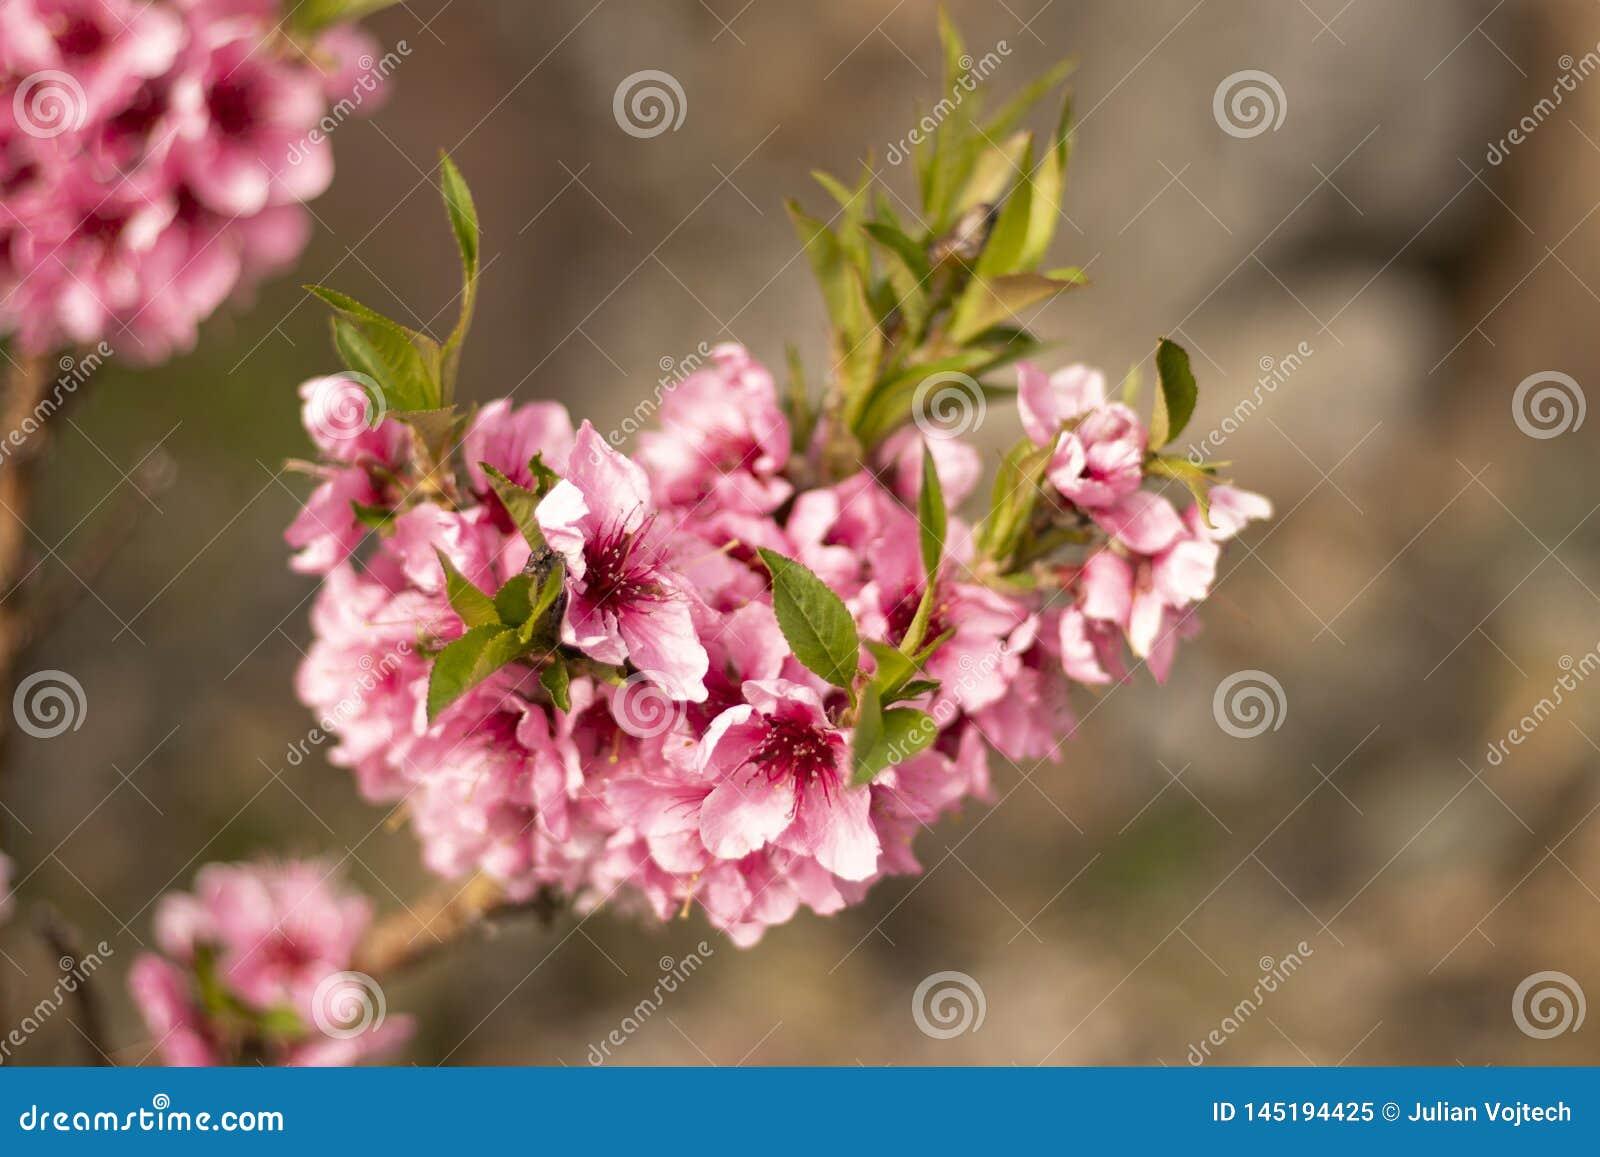 Flor hermosa de la flor de cerezo en la floración